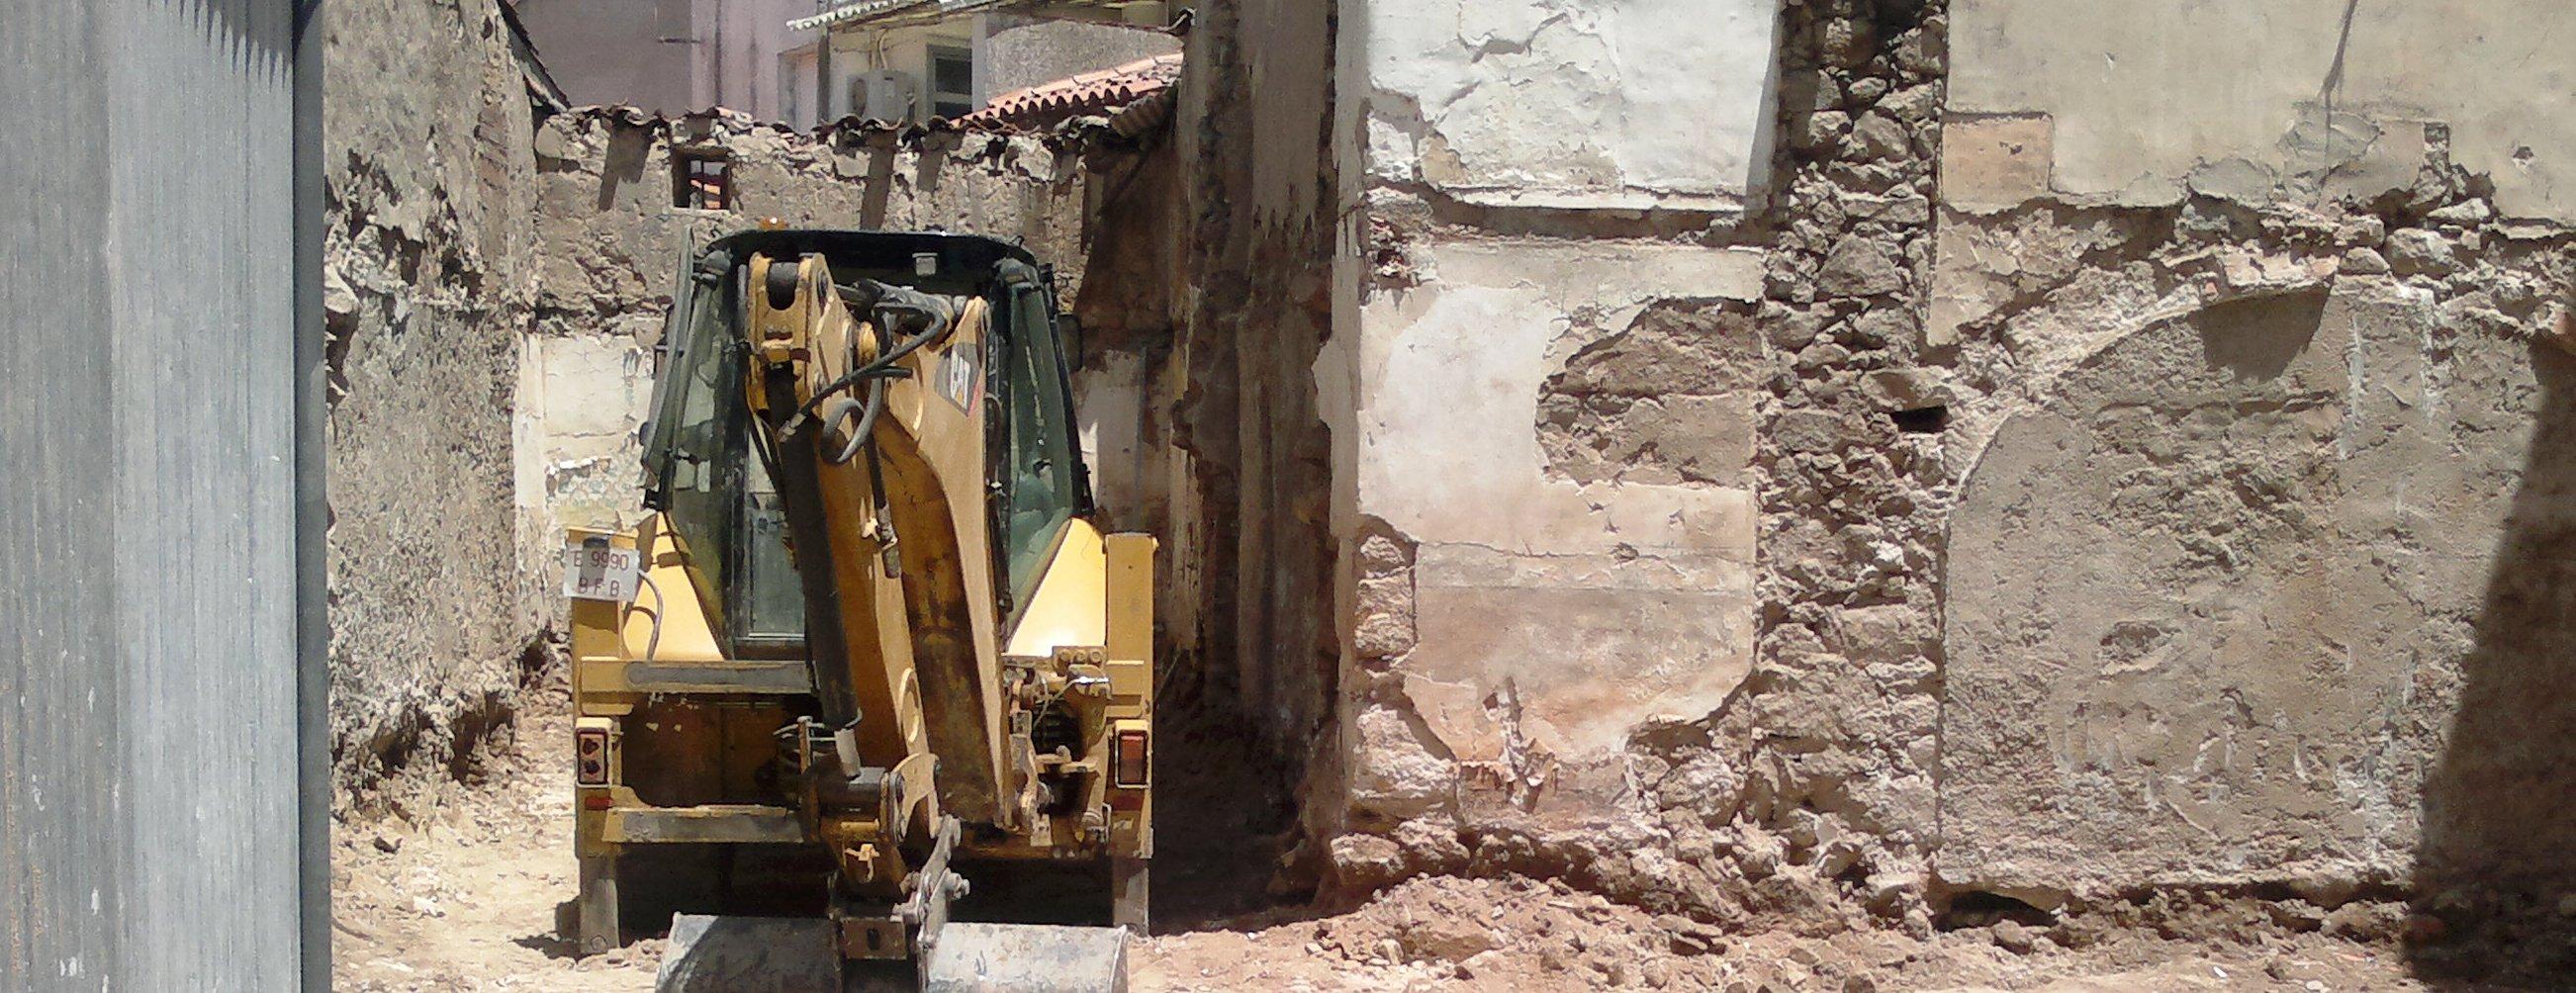 cabecera demoliciones